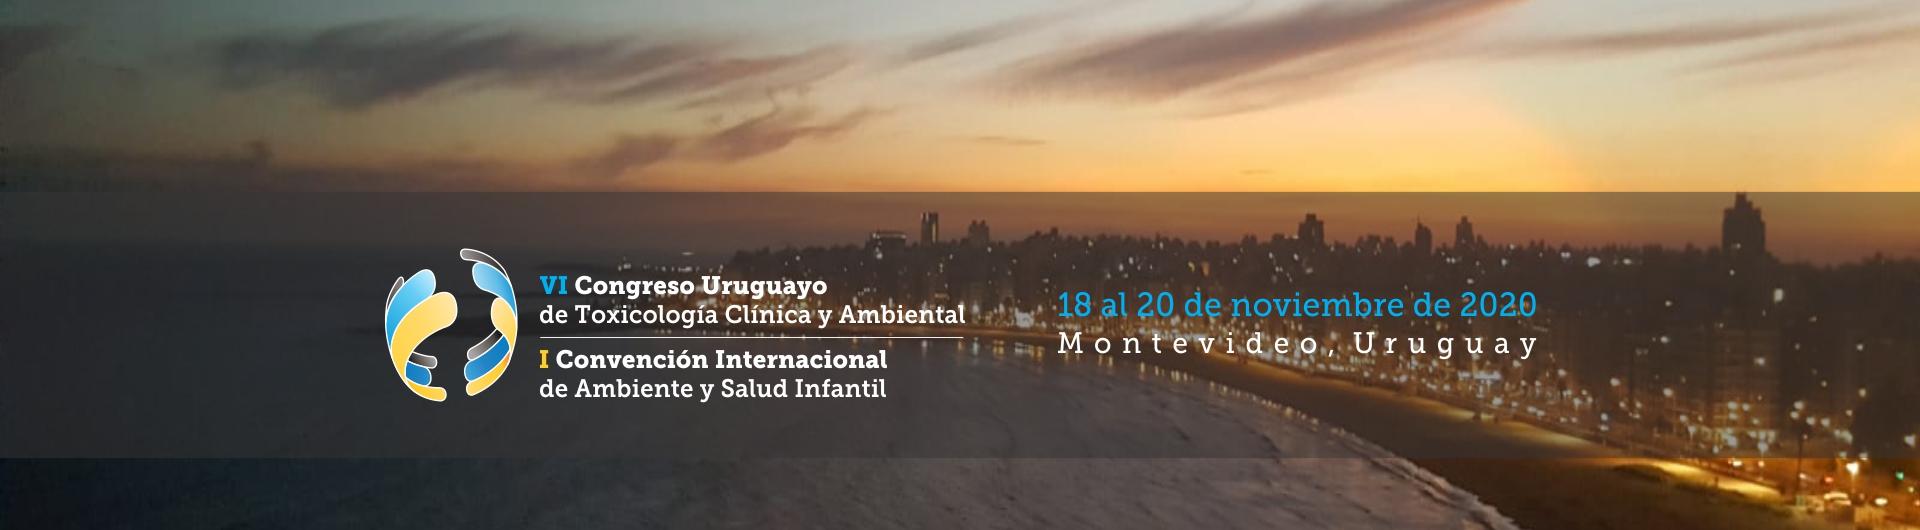 VI Congreso Uruguayo de Toxicología Clínica y Ambiental